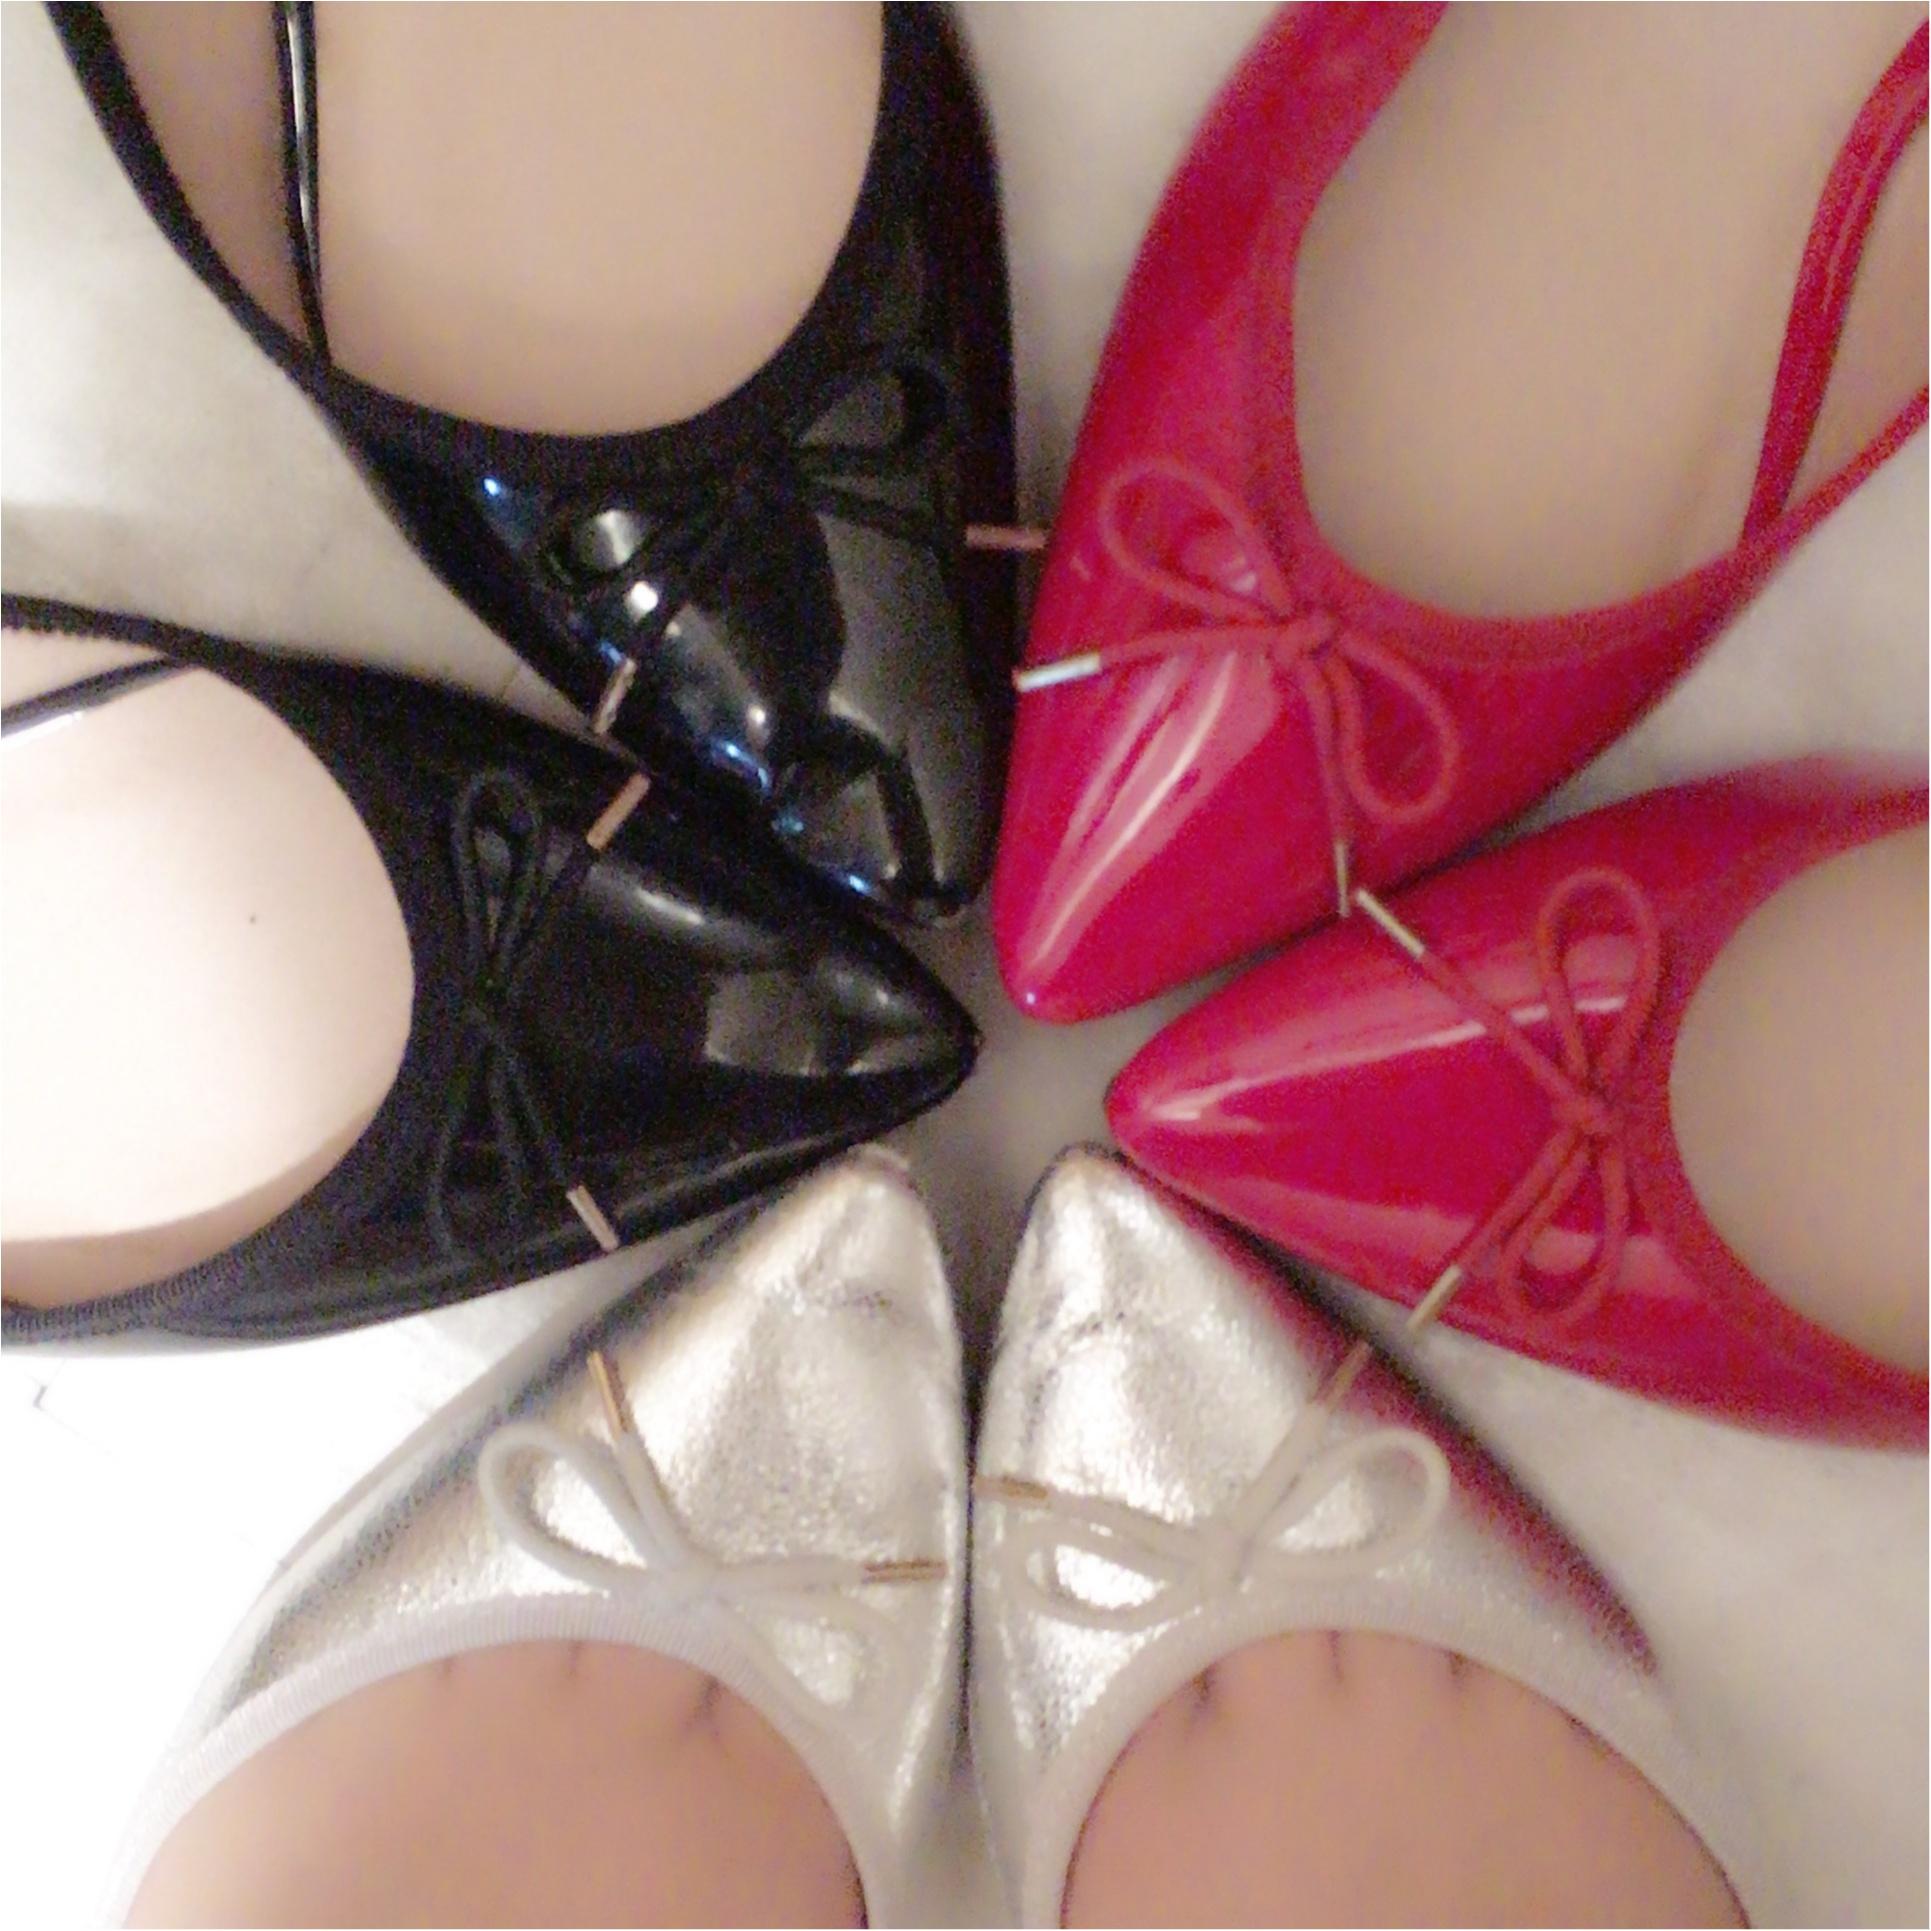 大人気!GUポインテッドバレエシューズ今から買うなら、選ぶべきカラーはこれ!!♡_1